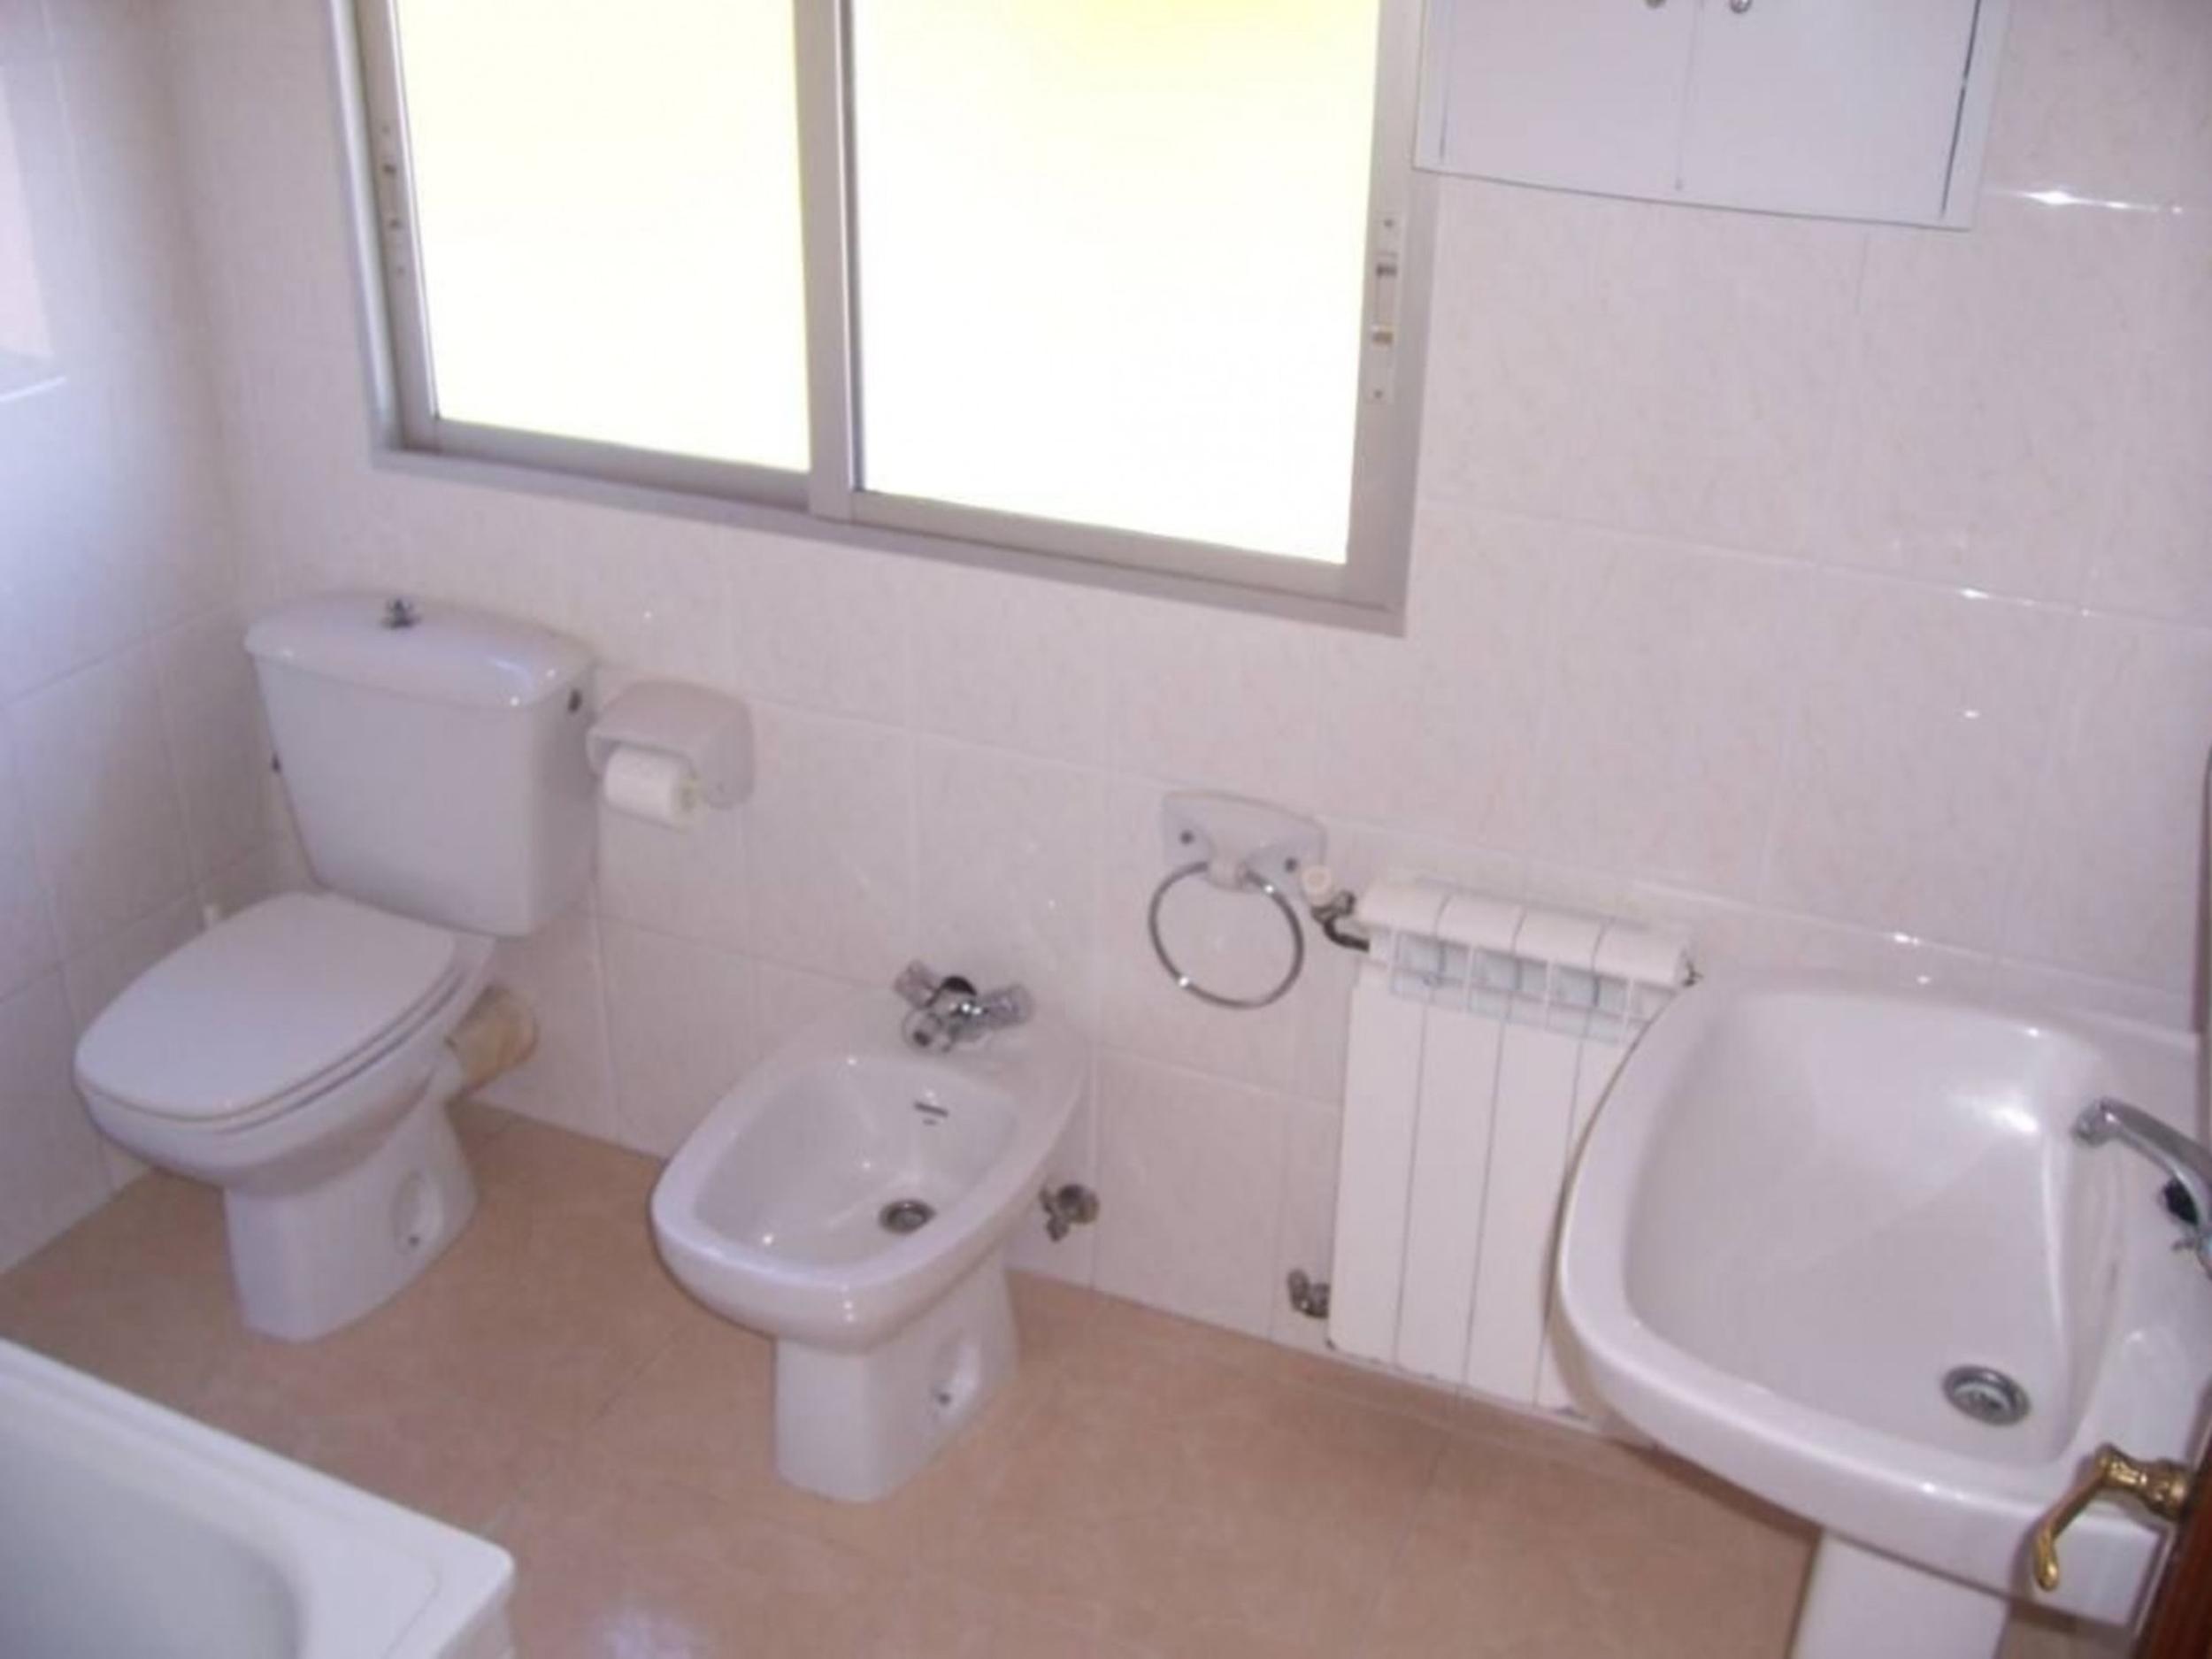 Ferienwohnung Apartment - 3 Bedrooms with WiFi - 100424 (1937594), Bueu, Rias Bajas, Galicien, Spanien, Bild 10